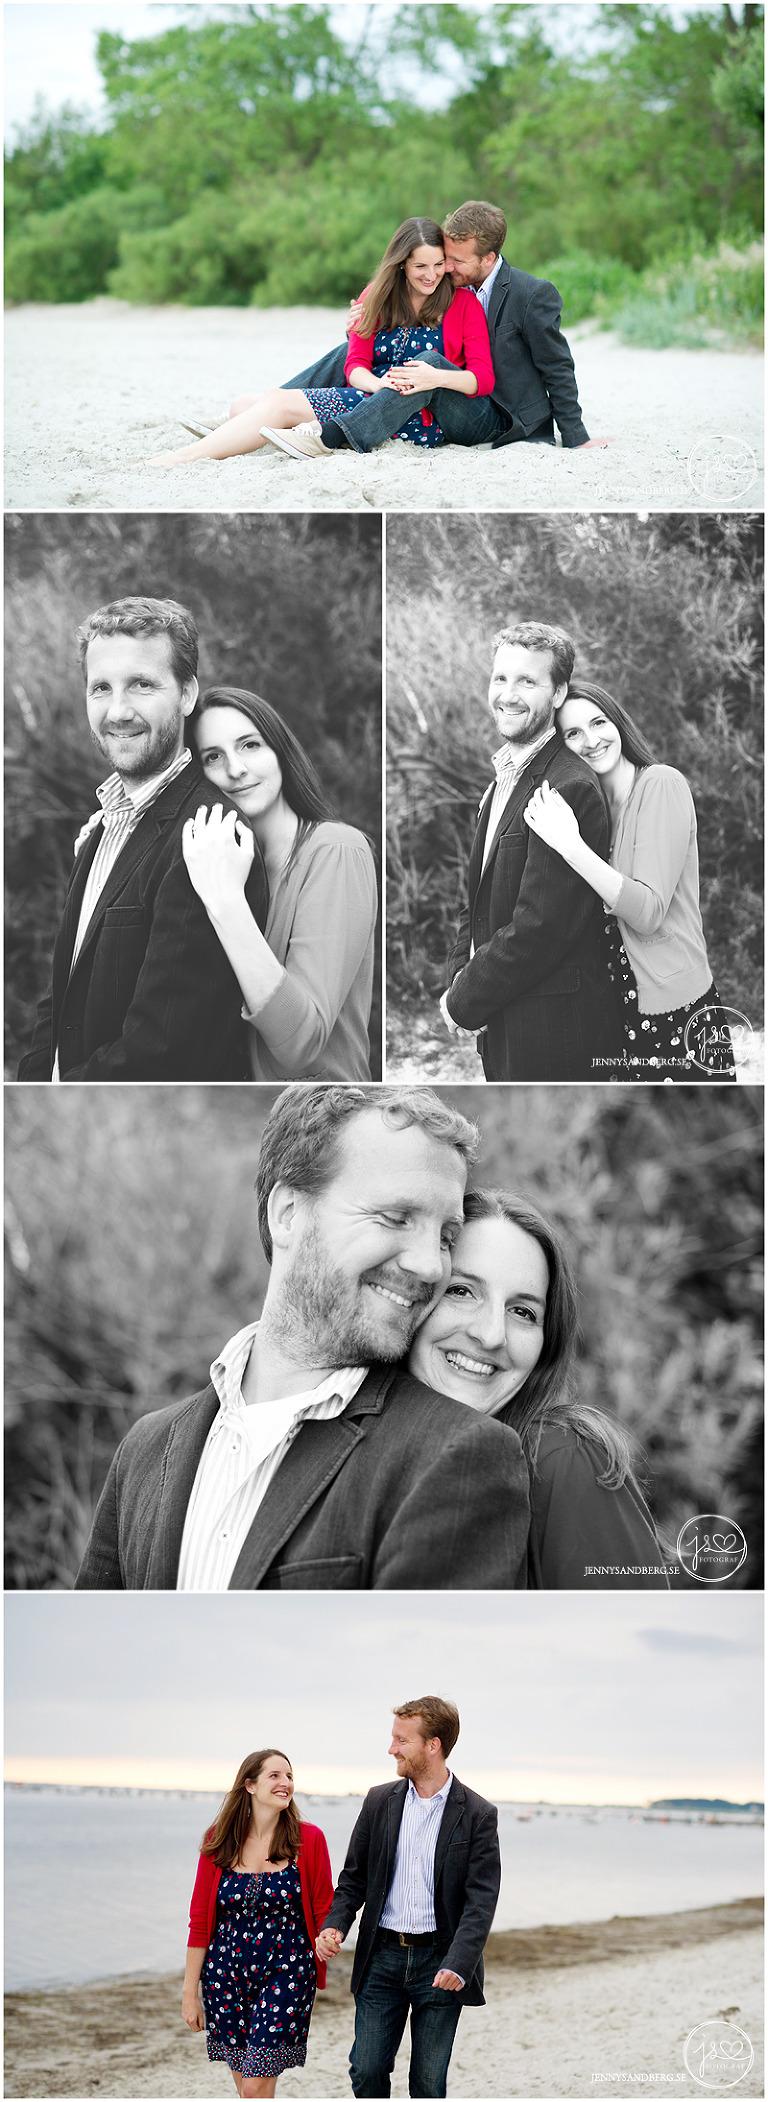 Beloved fotograf skåne Bröllopsfotograf